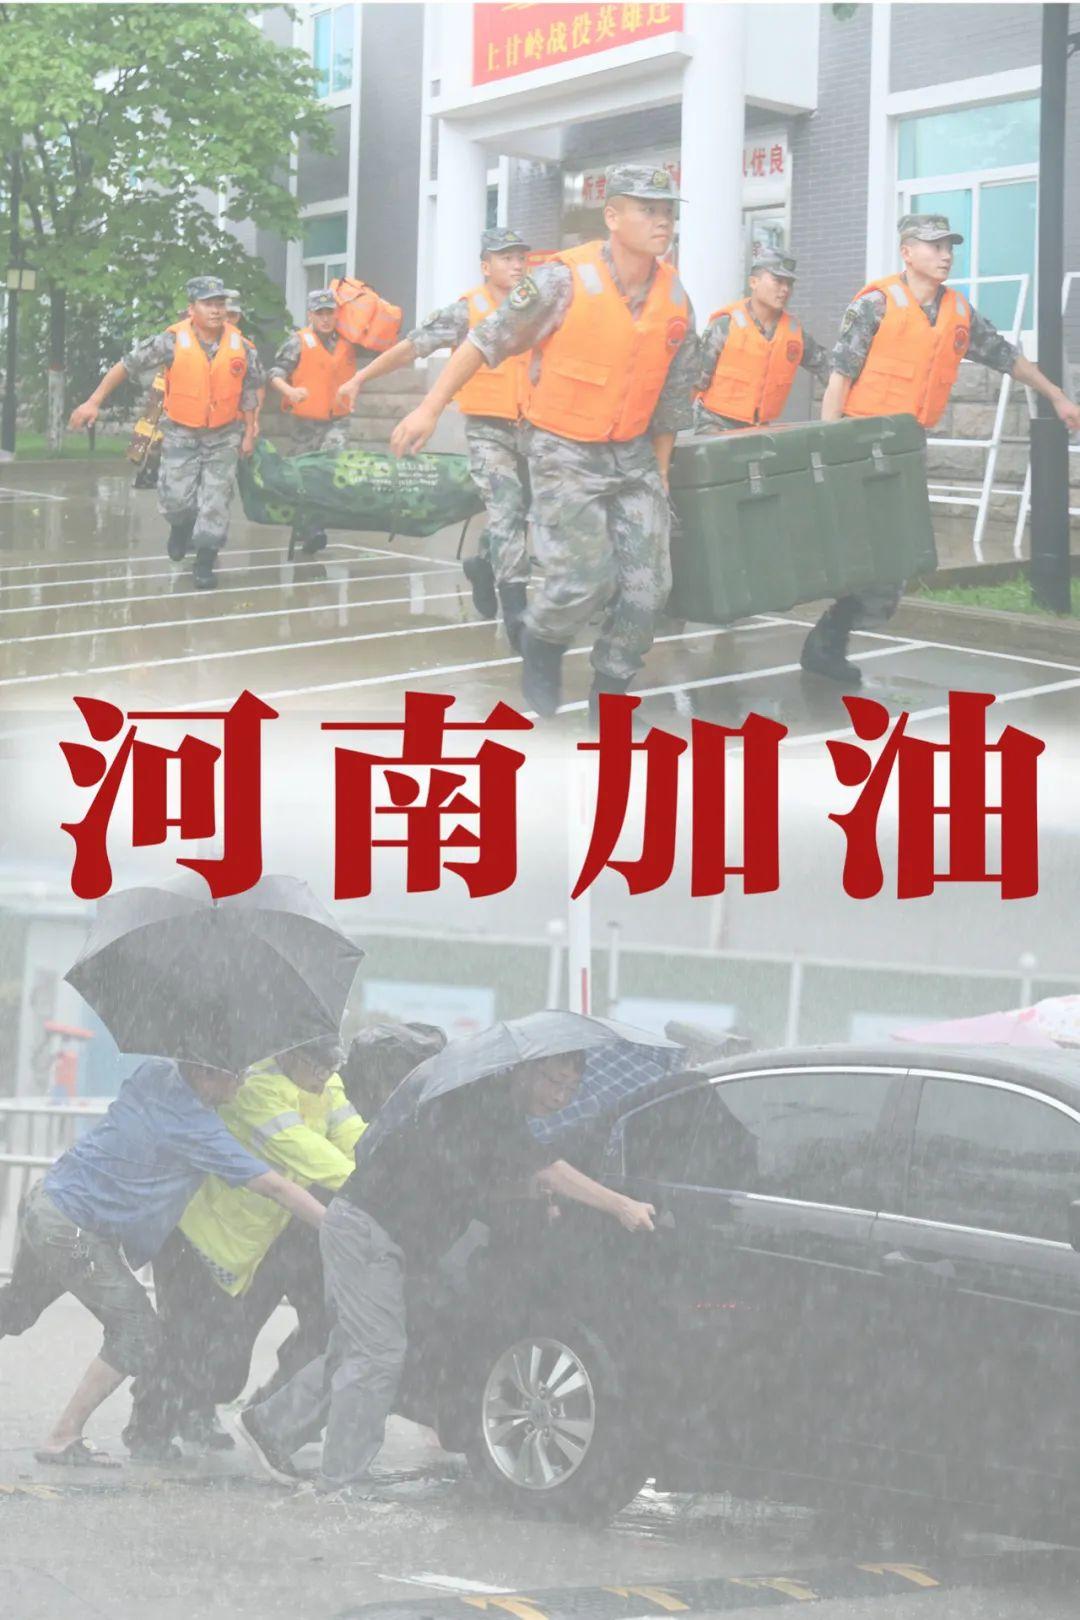 ▲ 驰援大郑州,河南一定行!图/视觉中国,制图/奈福